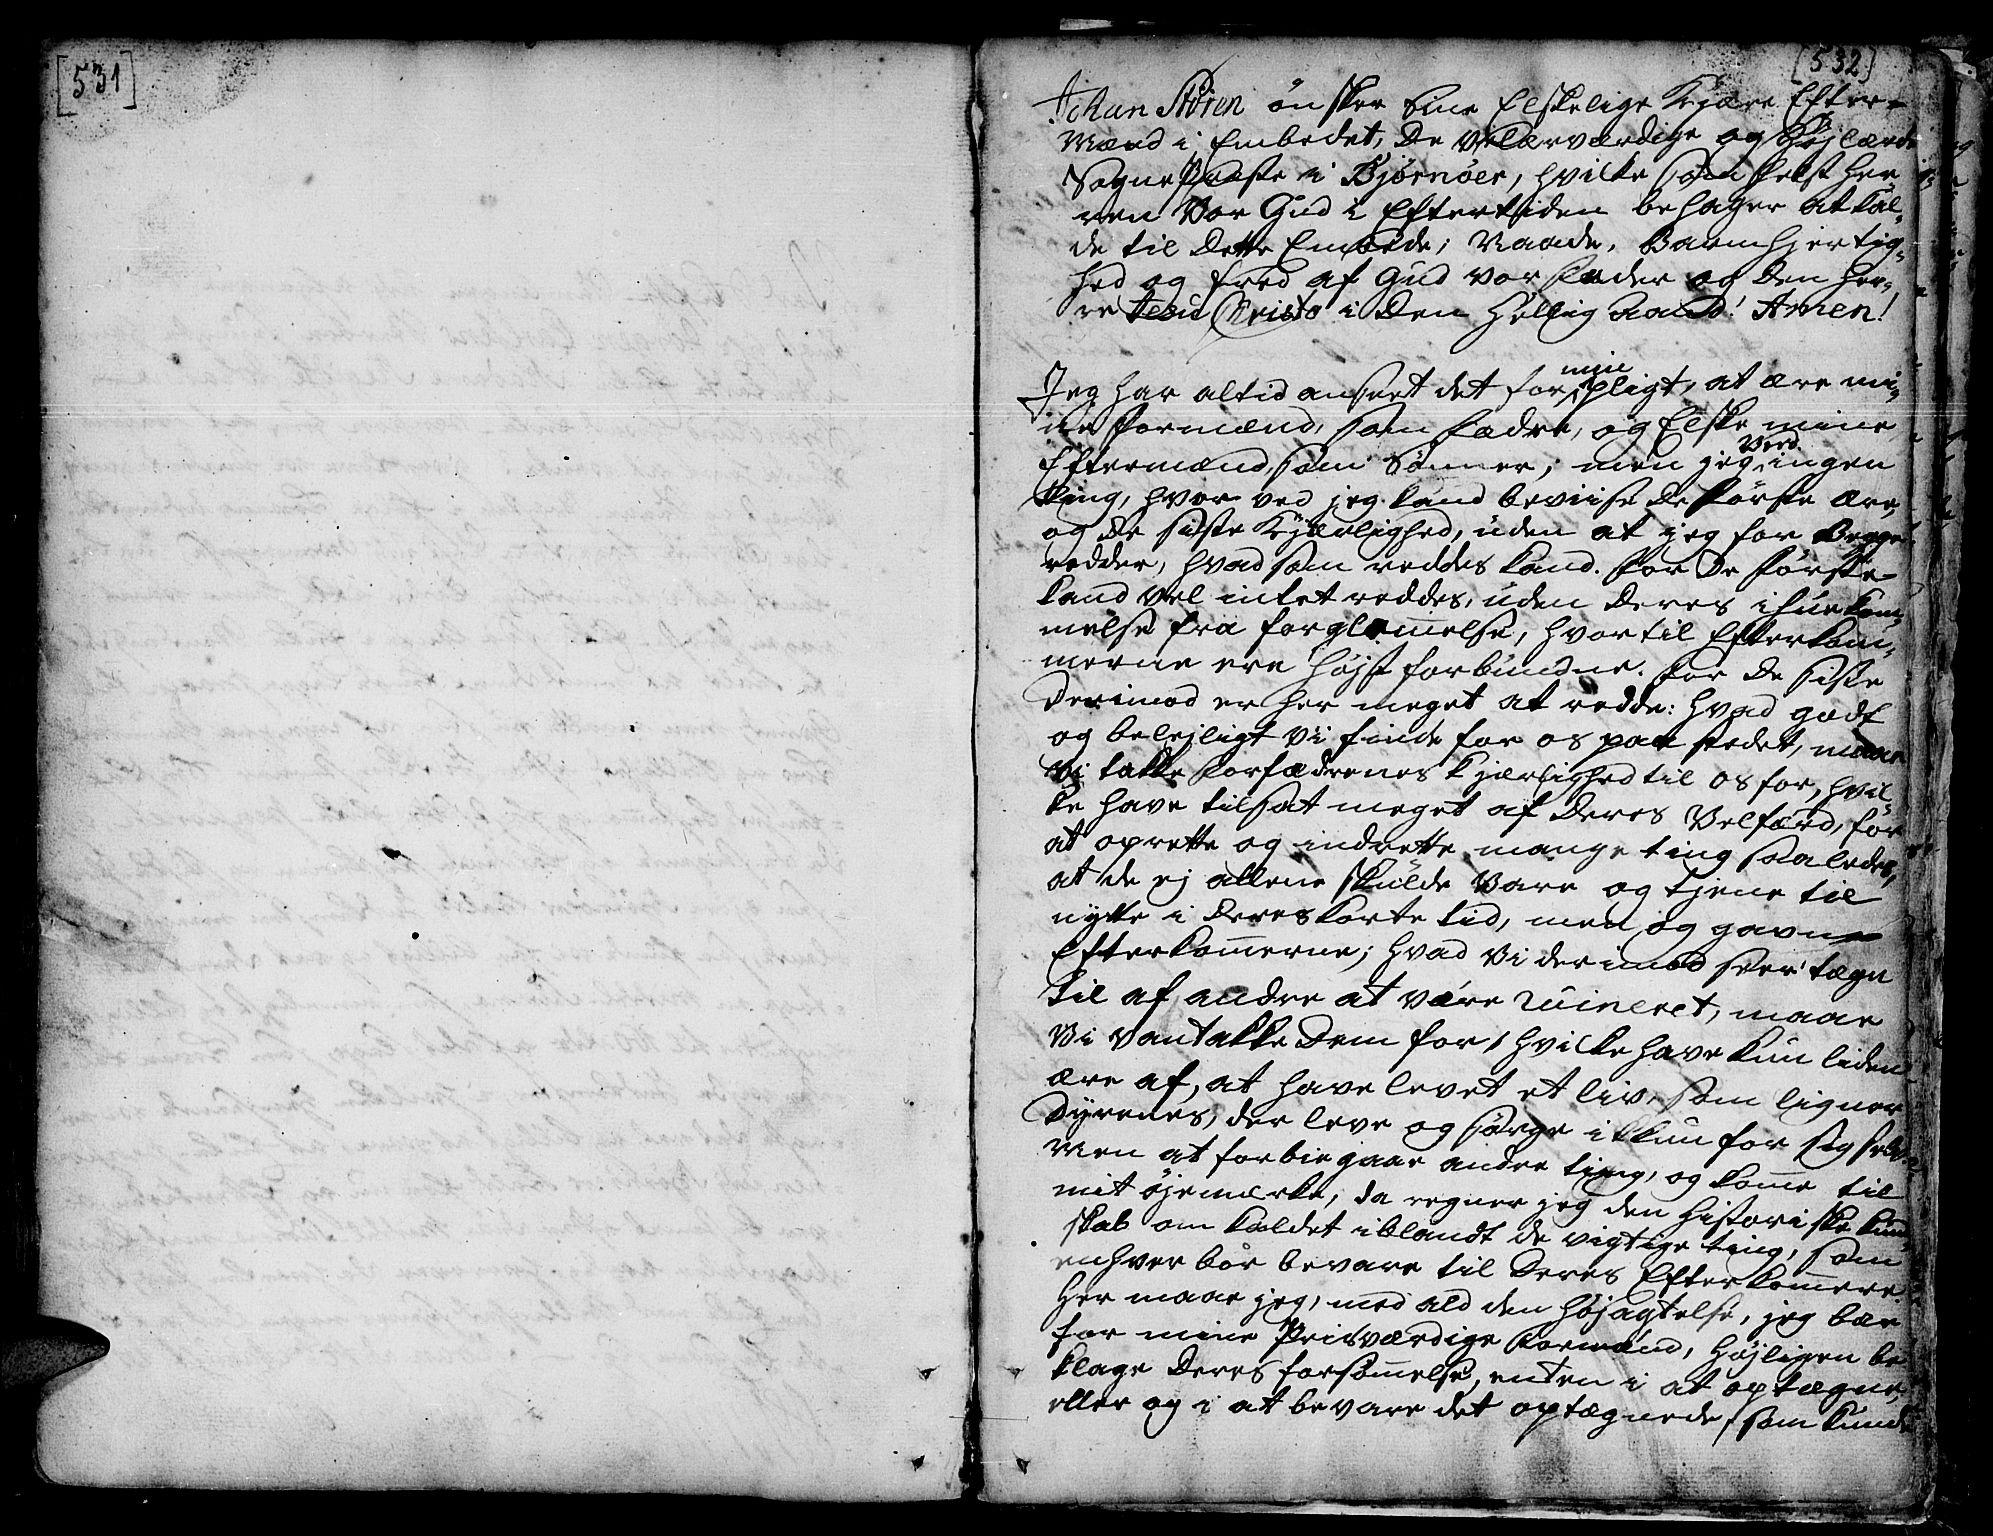 SAT, Ministerialprotokoller, klokkerbøker og fødselsregistre - Sør-Trøndelag, 657/L0700: Ministerialbok nr. 657A01, 1732-1801, s. 531-532